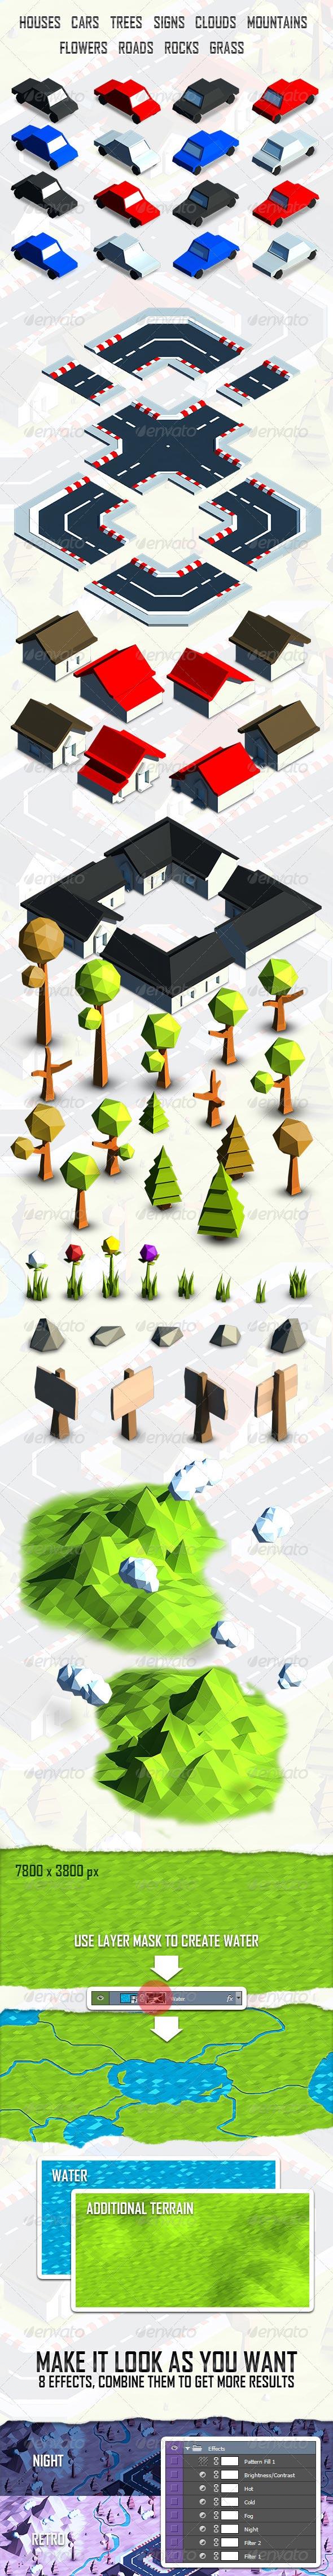 دانلود رايگان قالب اجزای طراحی گرافیک هنری graphicriver Low Poly Art Maker